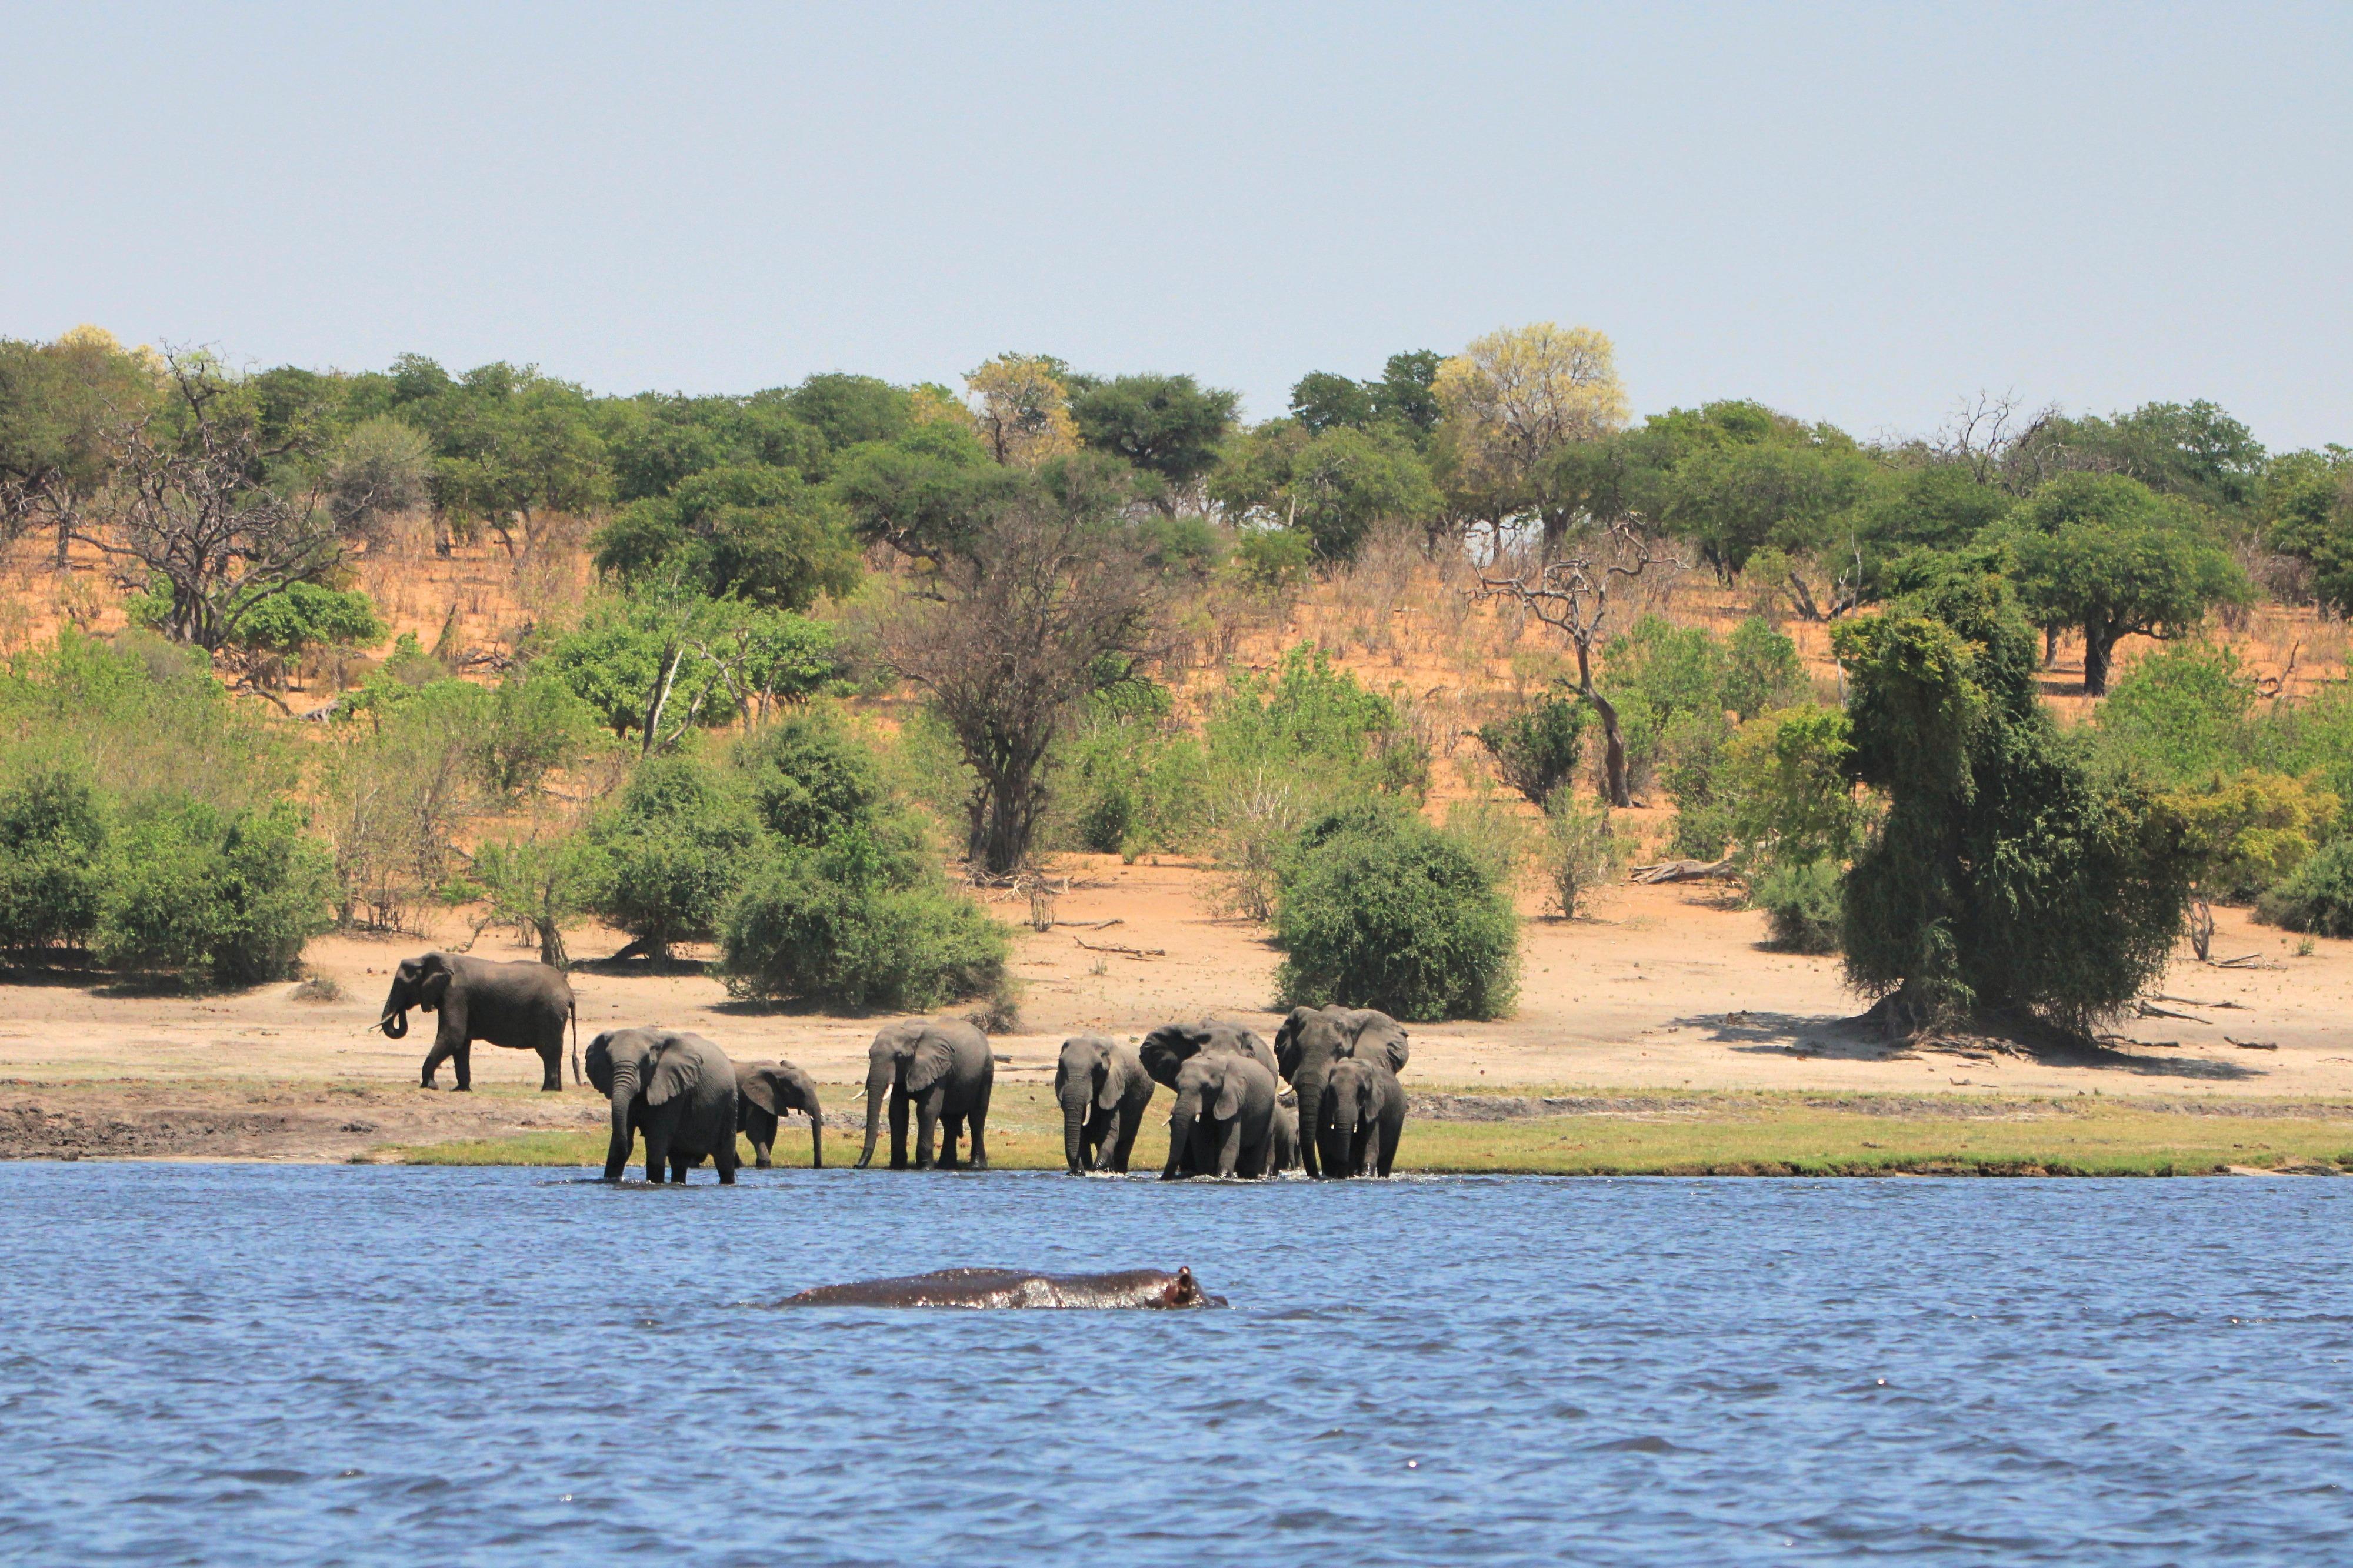 Chobe Nationalpark: Am Ufer des Chobe River sammeln sich die Elefanten zum Baden und Trinken.